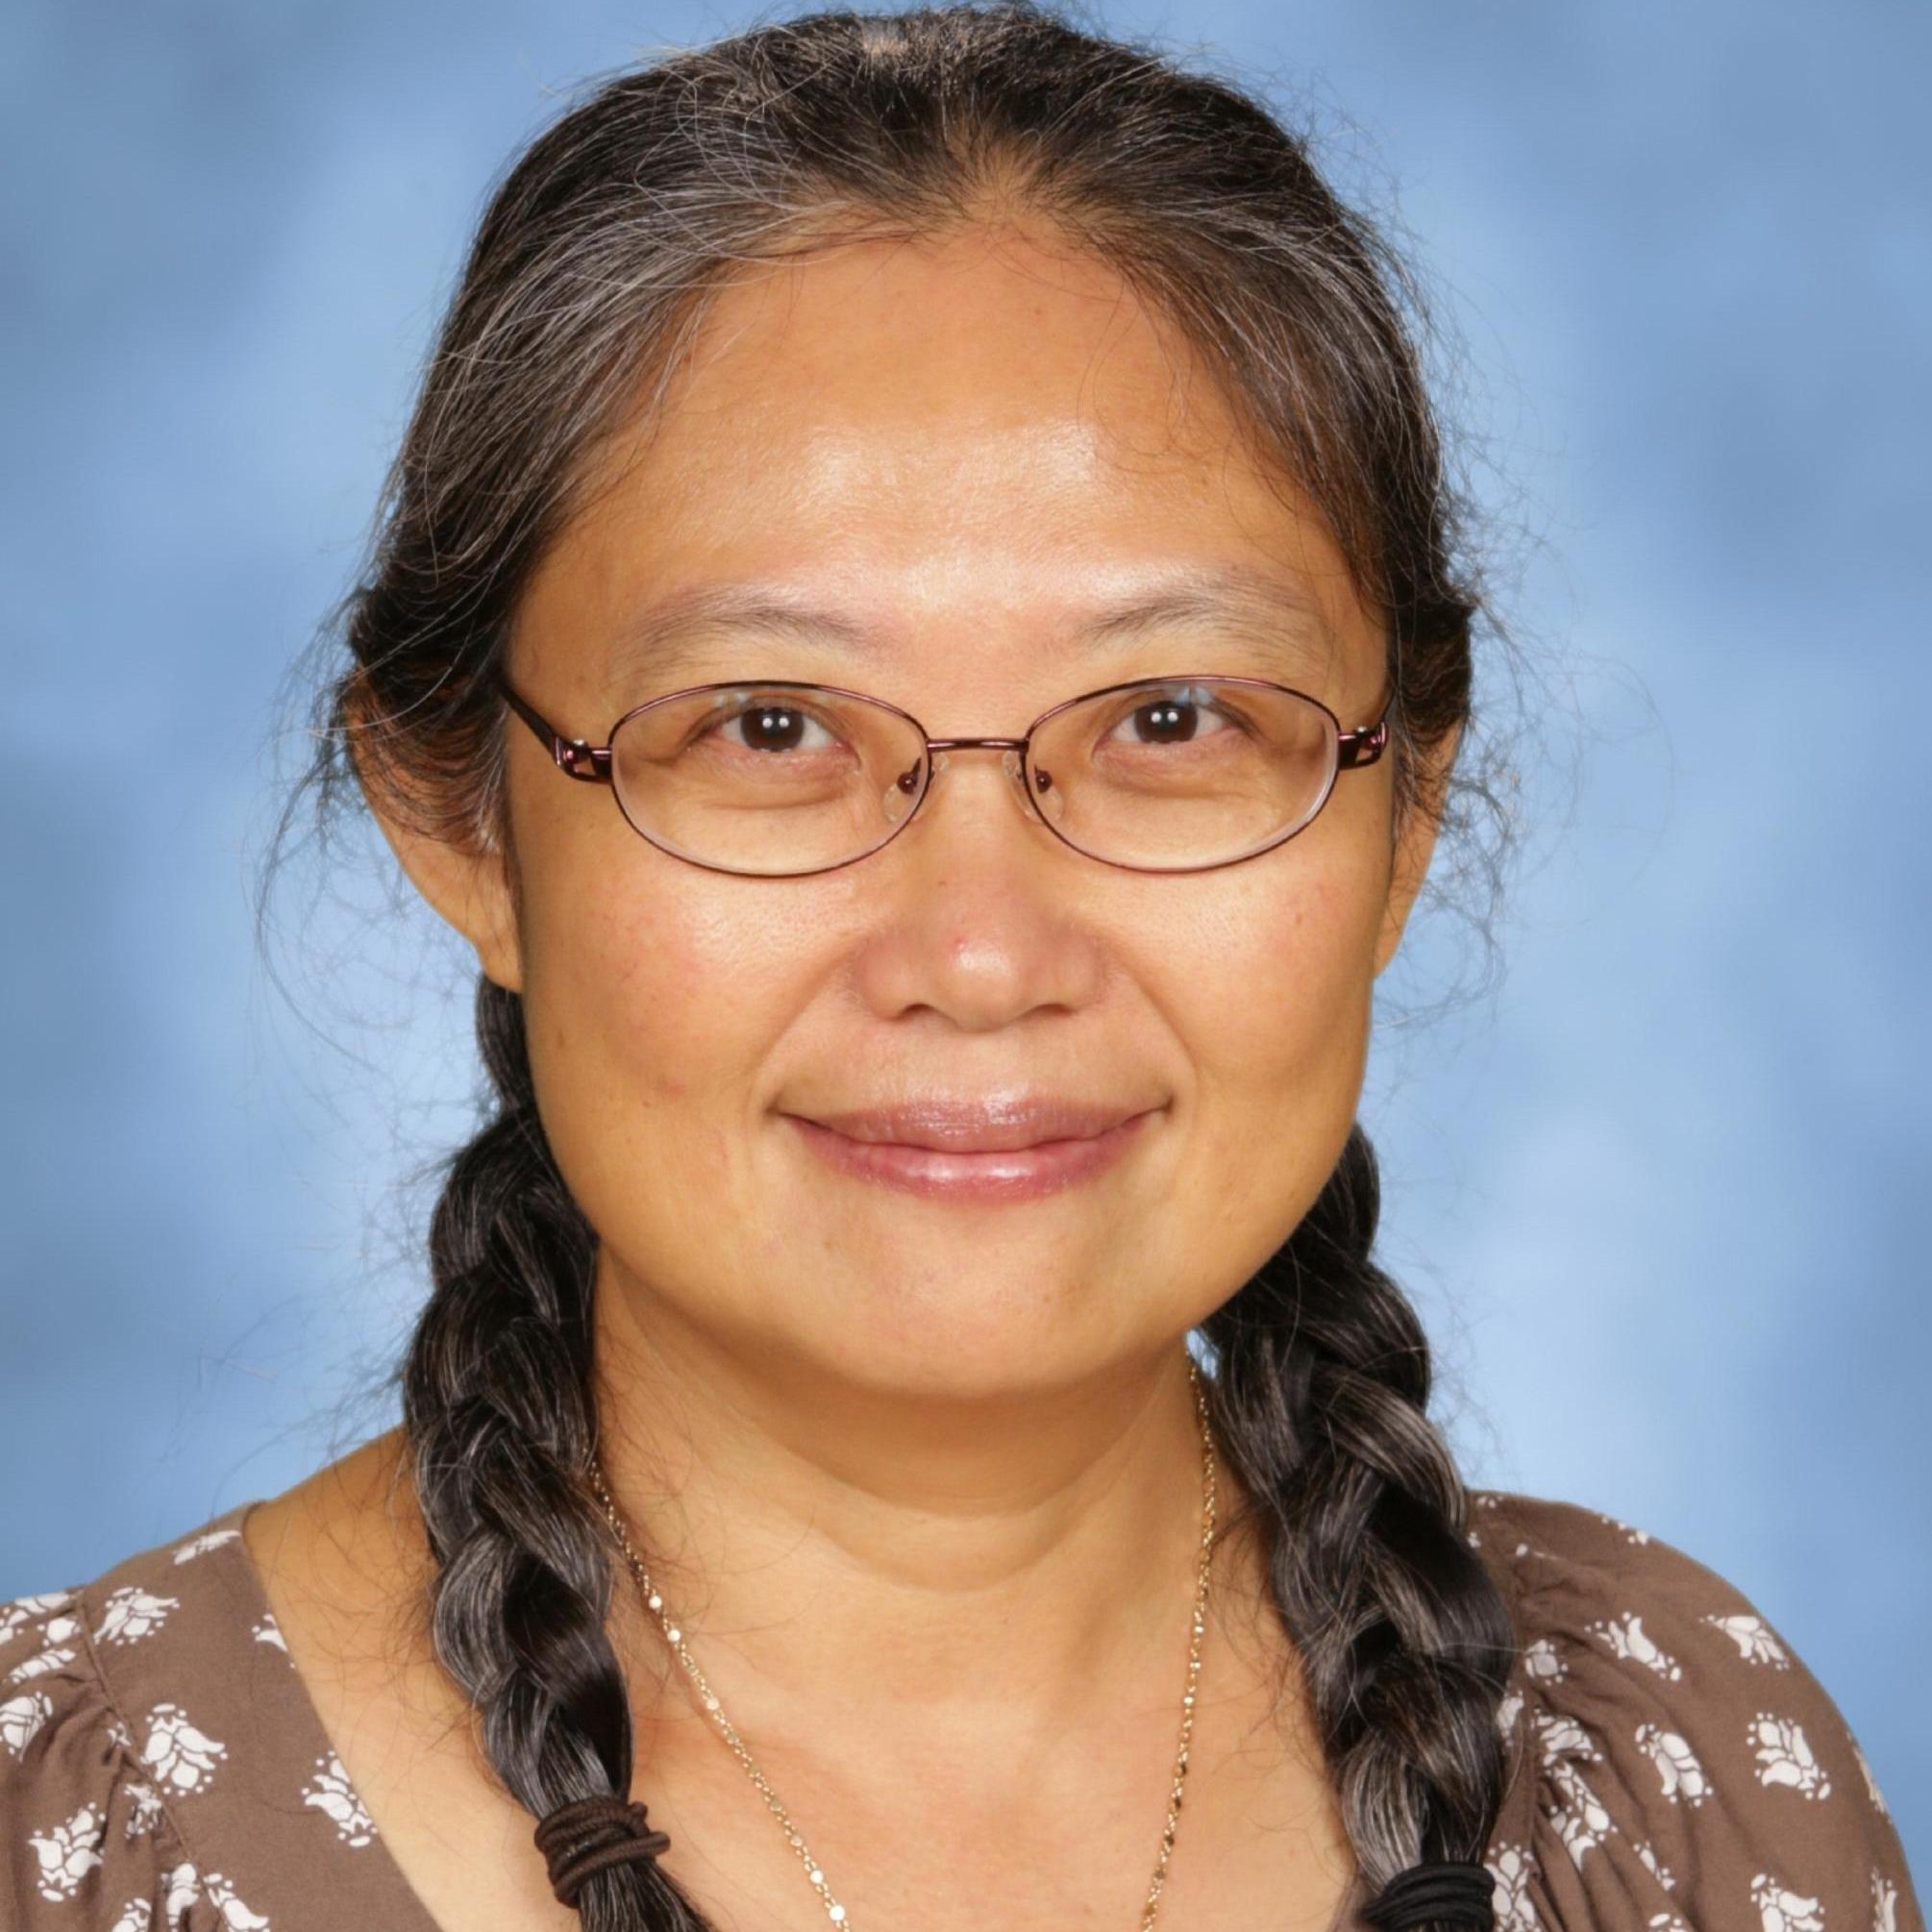 Yvonne Von Plagenhoef's Profile Photo